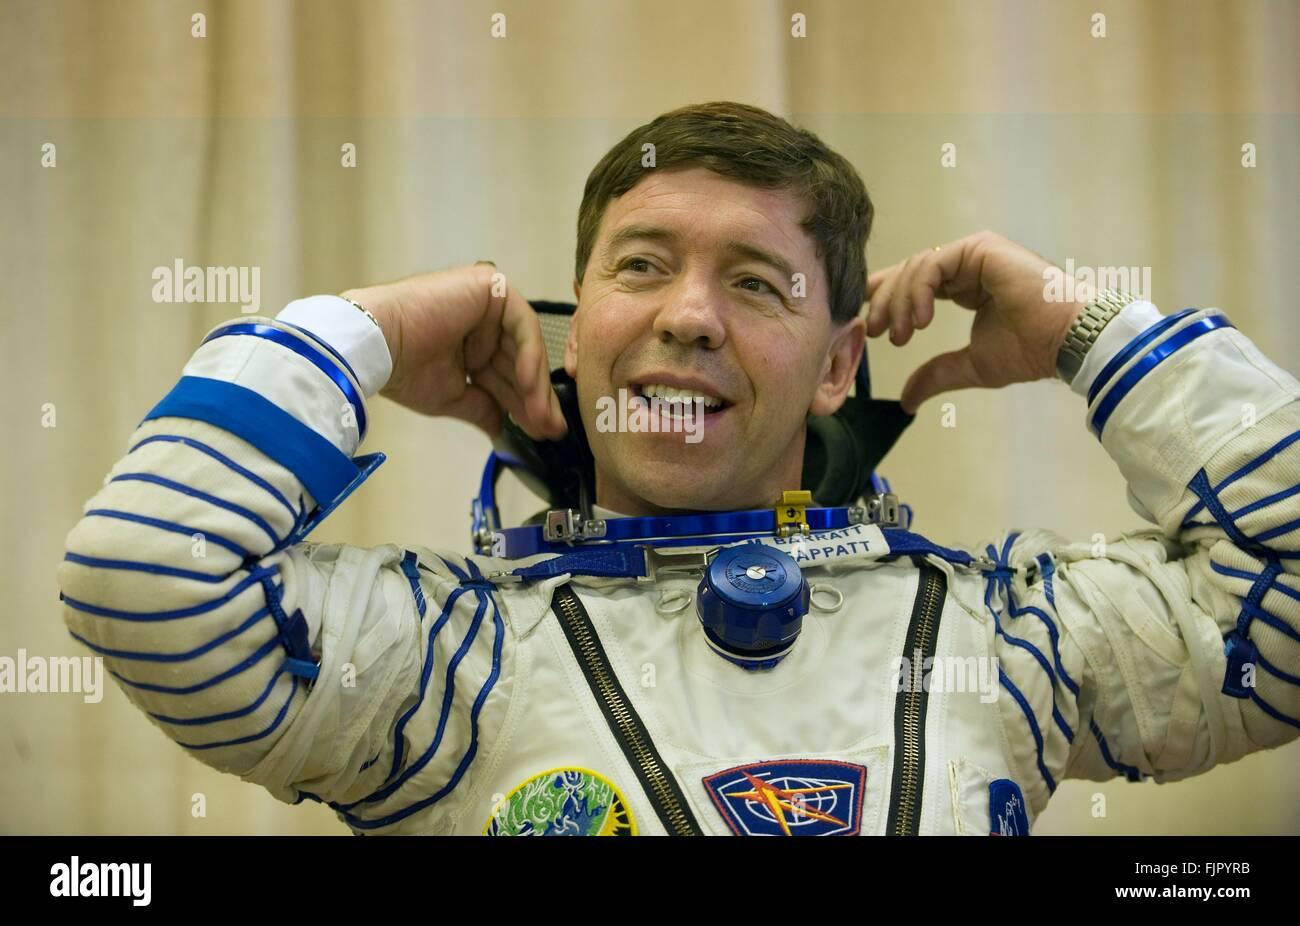 L'expédition 19 de la Station spatiale internationale L'astronaute de la NASA Michael Barratt attend que le contrôle Banque D'Images